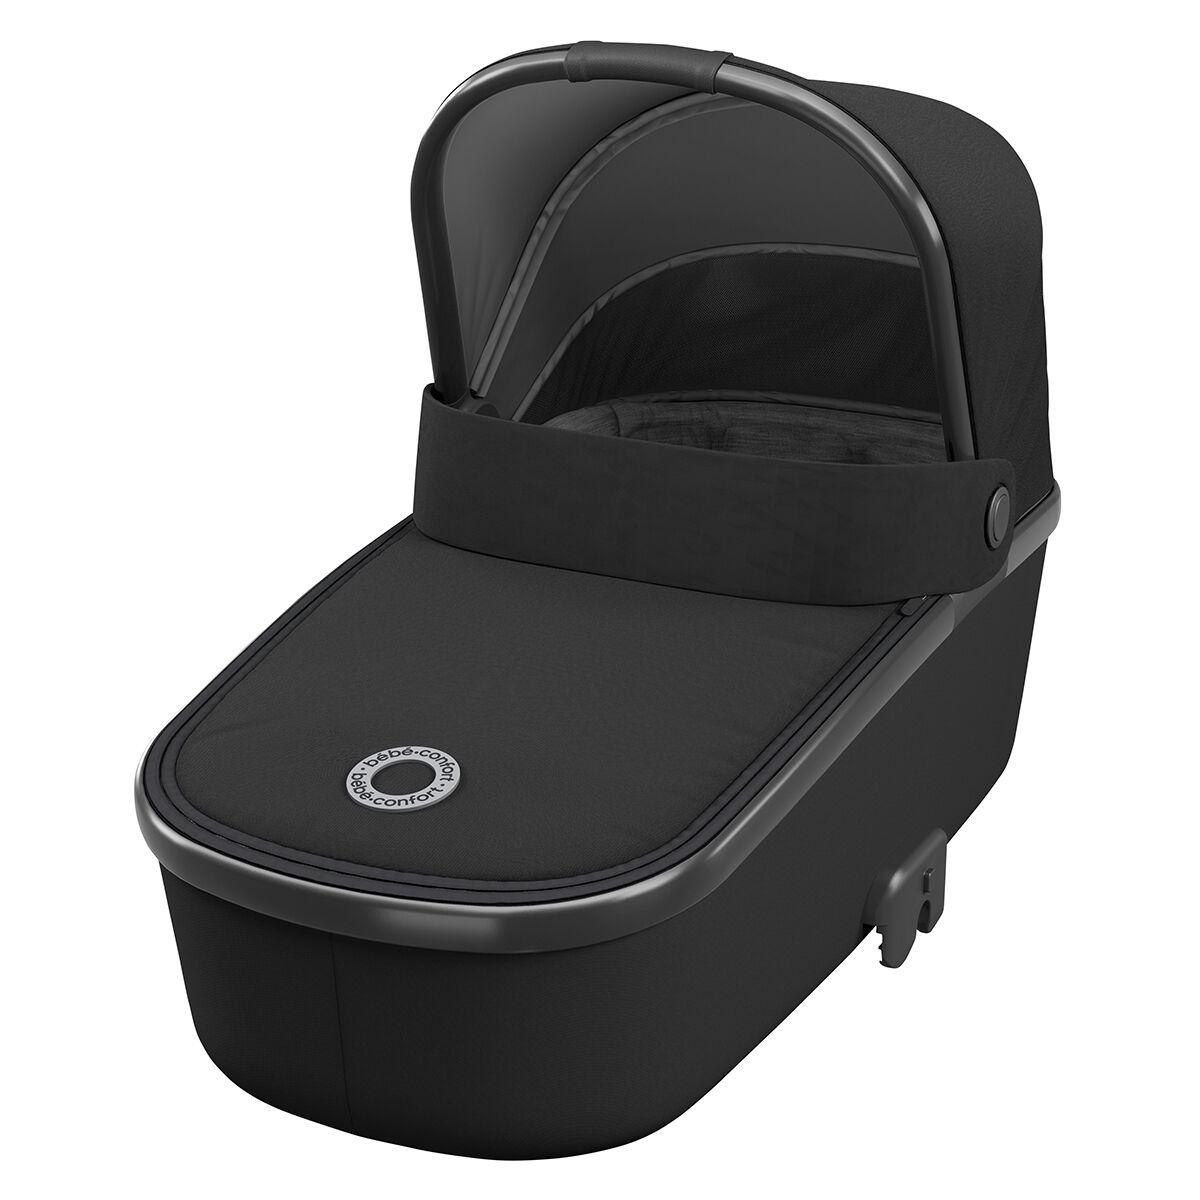 Bébé Confort Nacelle Oria - Essential Black